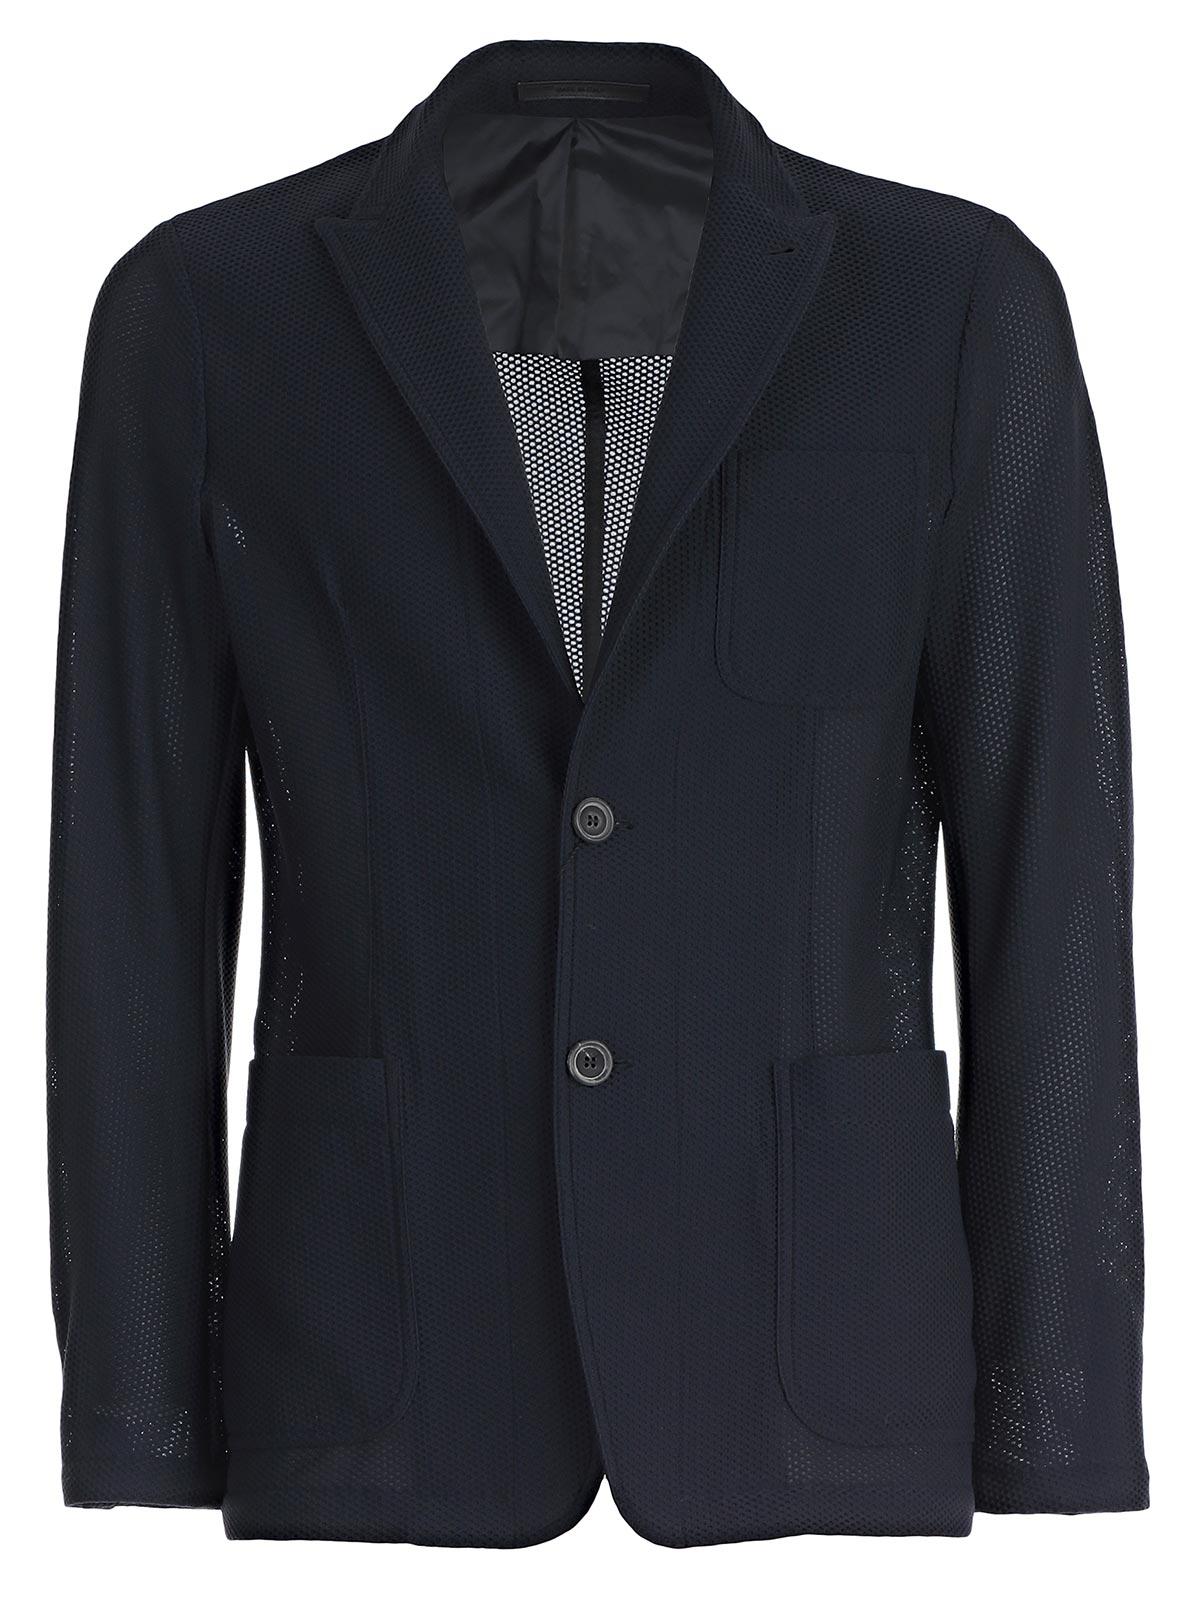 Picture of Giorgio Armani Jacket